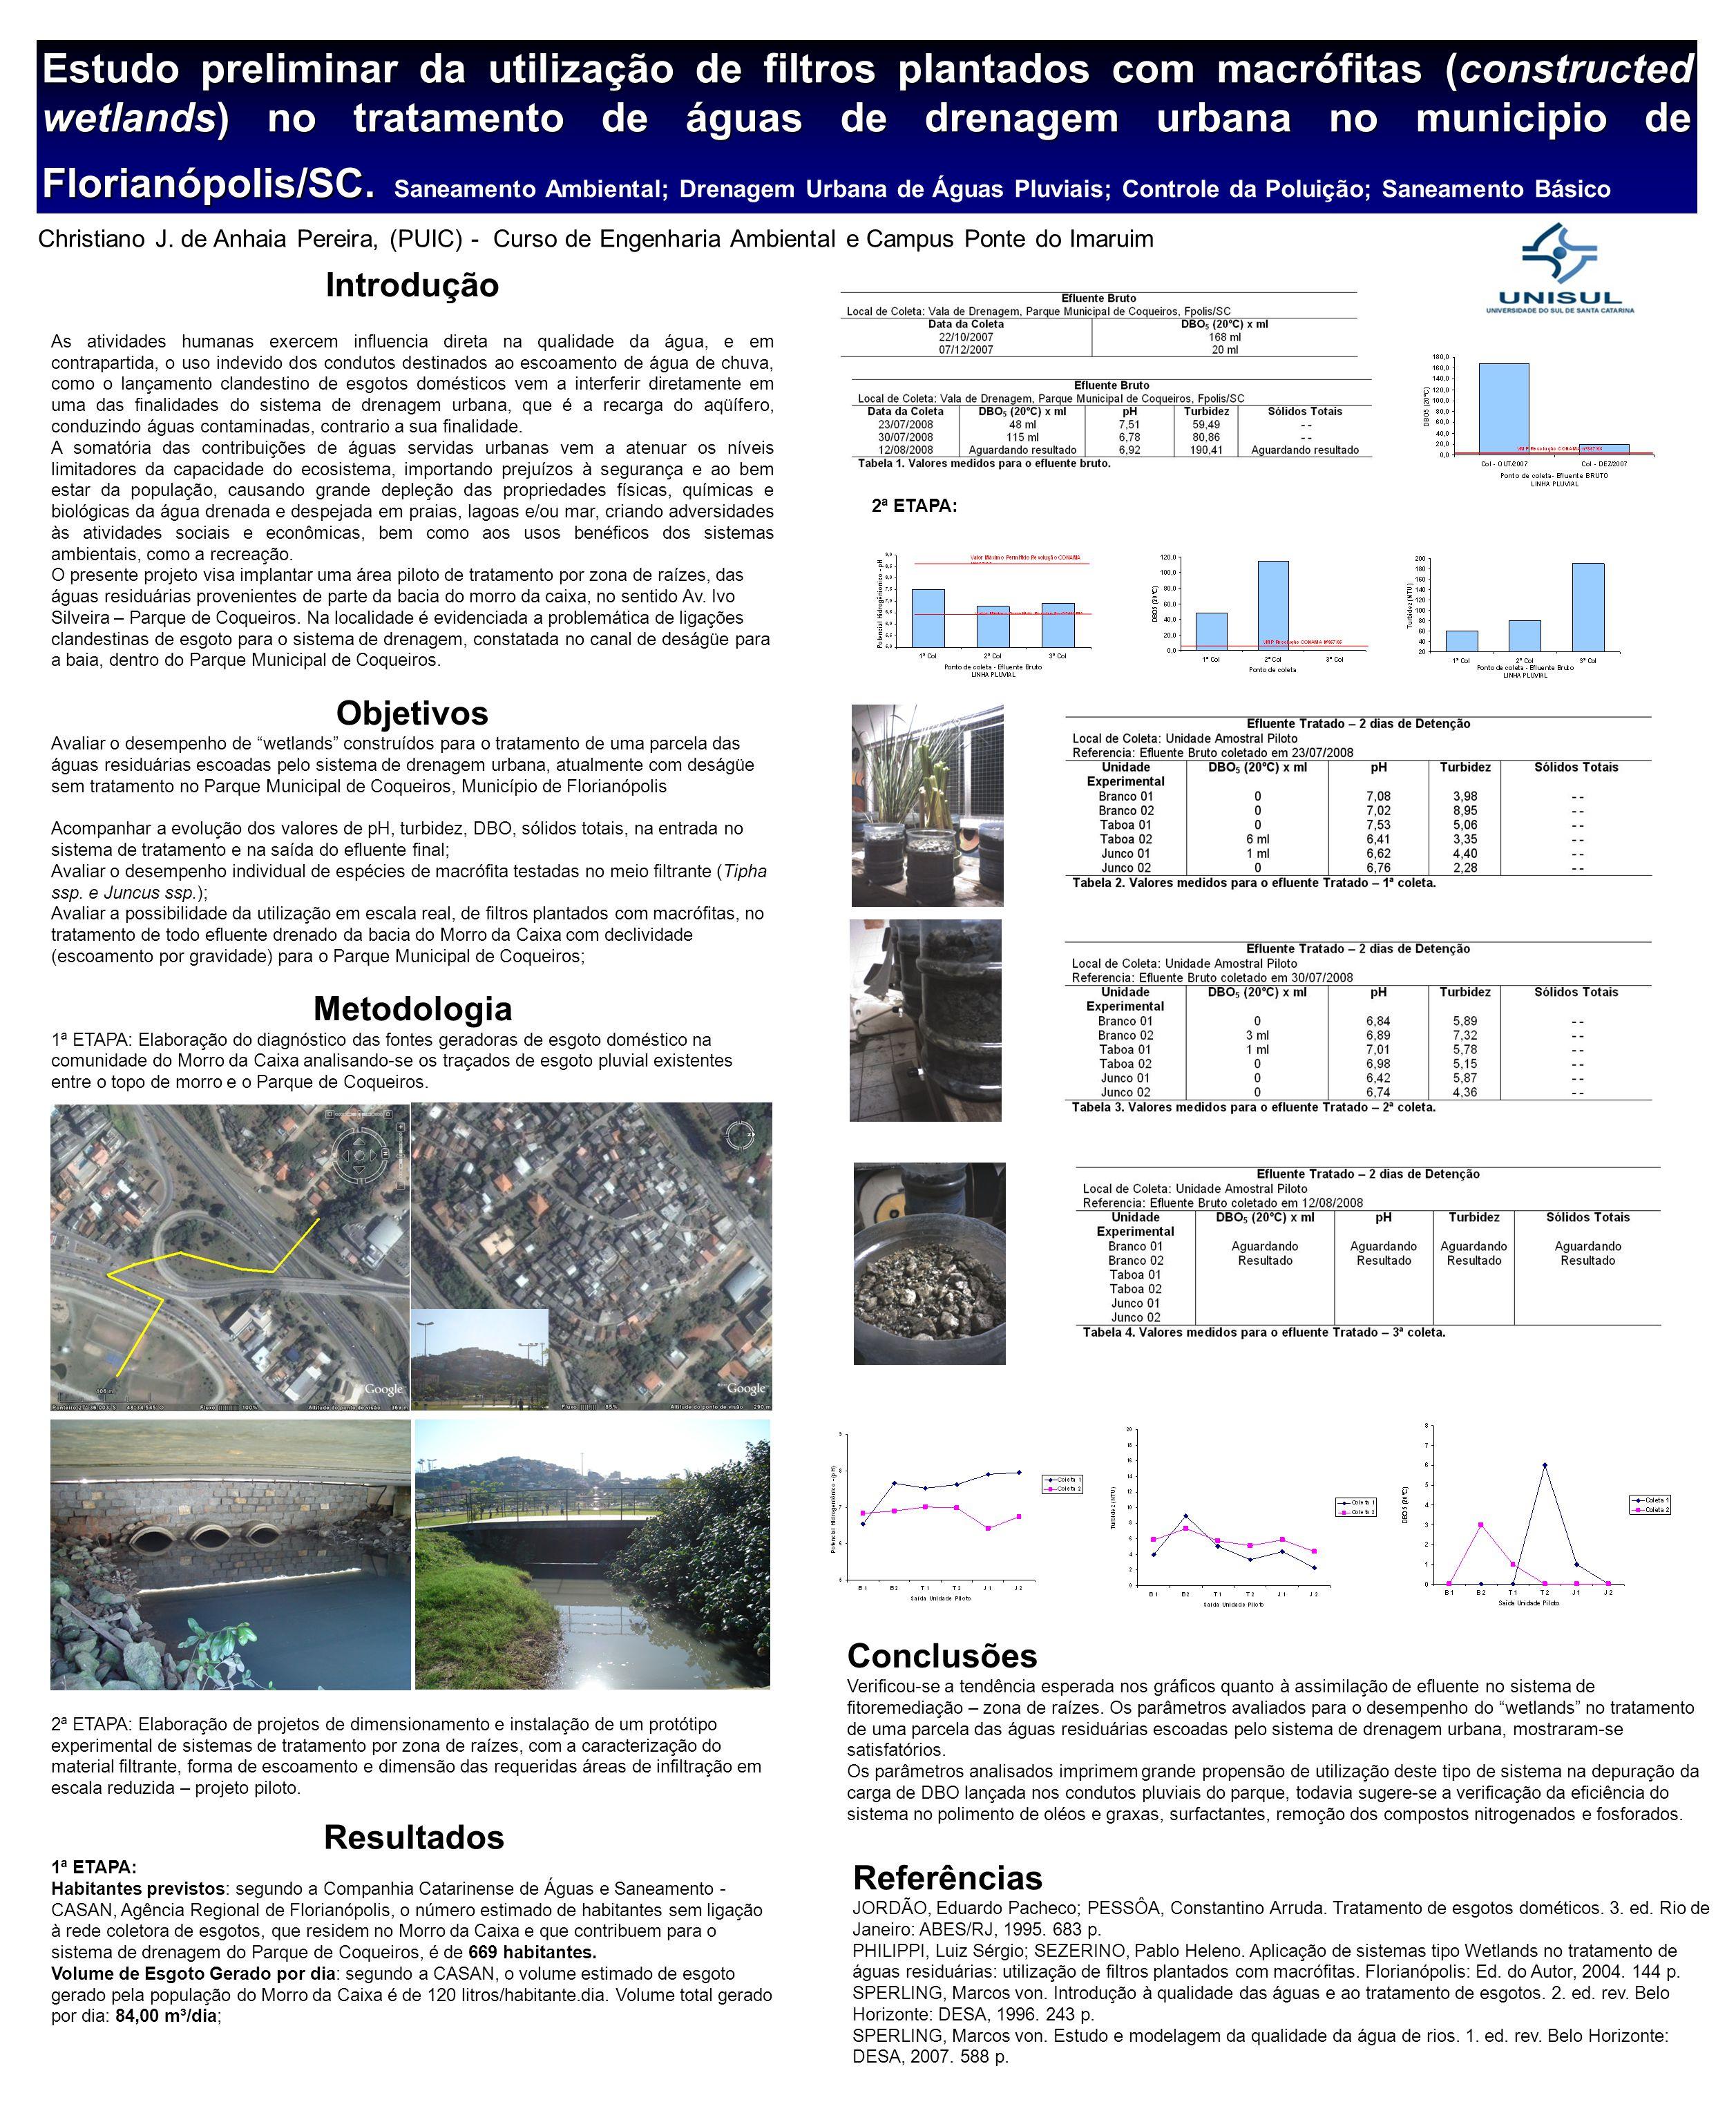 Estudo preliminar da utilização de filtros plantados com macrófitas (constructed wetlands) no tratamento de águas de drenagem urbana no municipio de Florianópolis/SC. Saneamento Ambiental; Drenagem Urbana de Águas Pluviais; Controle da Poluição; Saneamento Básico